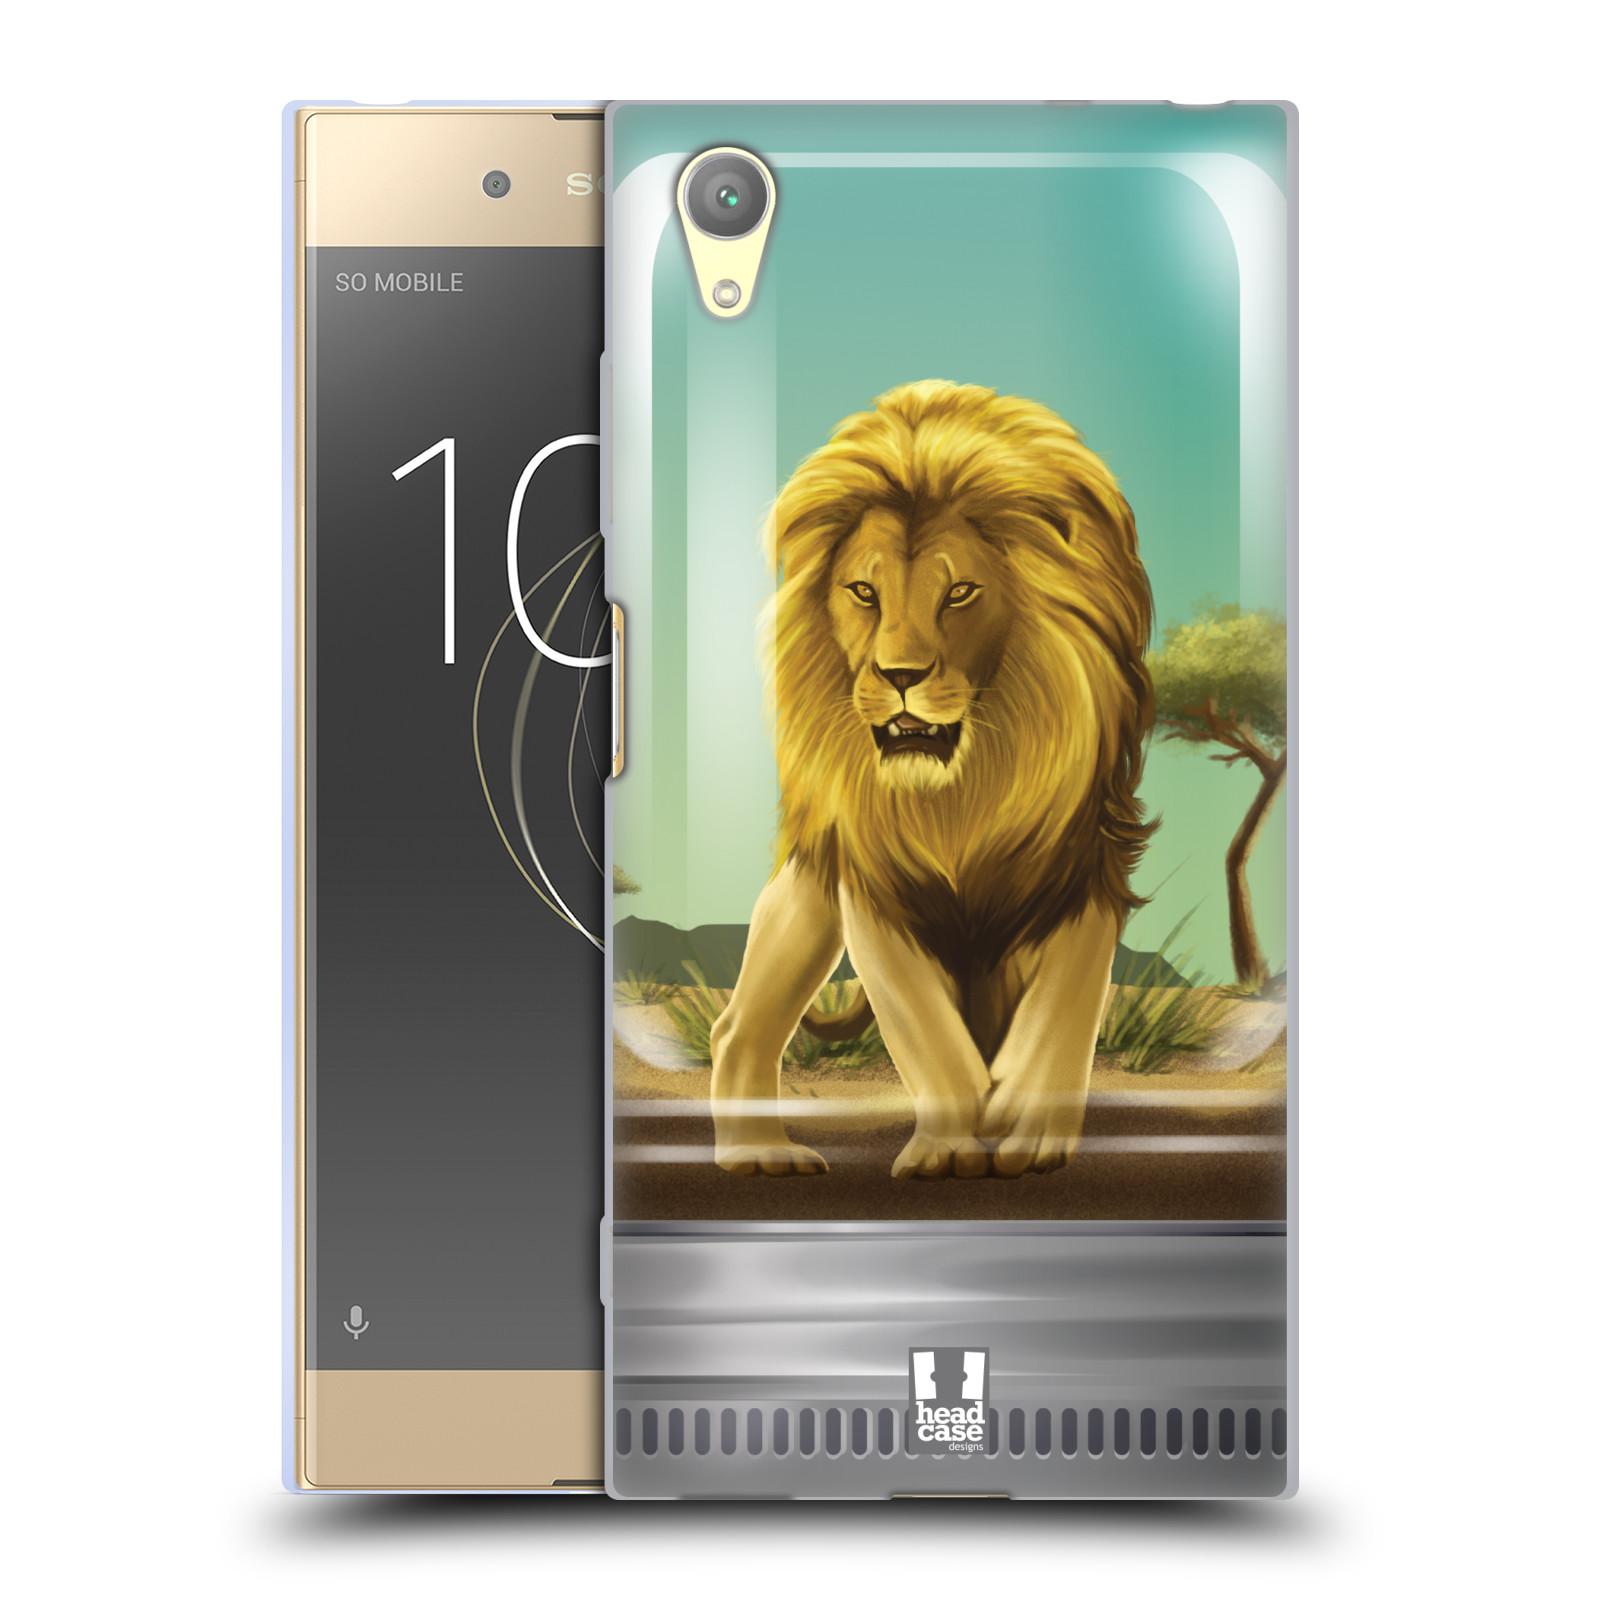 HEAD CASE silikonový obal na mobil Sony Xperia XA1 PLUS vzor Zvířátka v těžítku lev